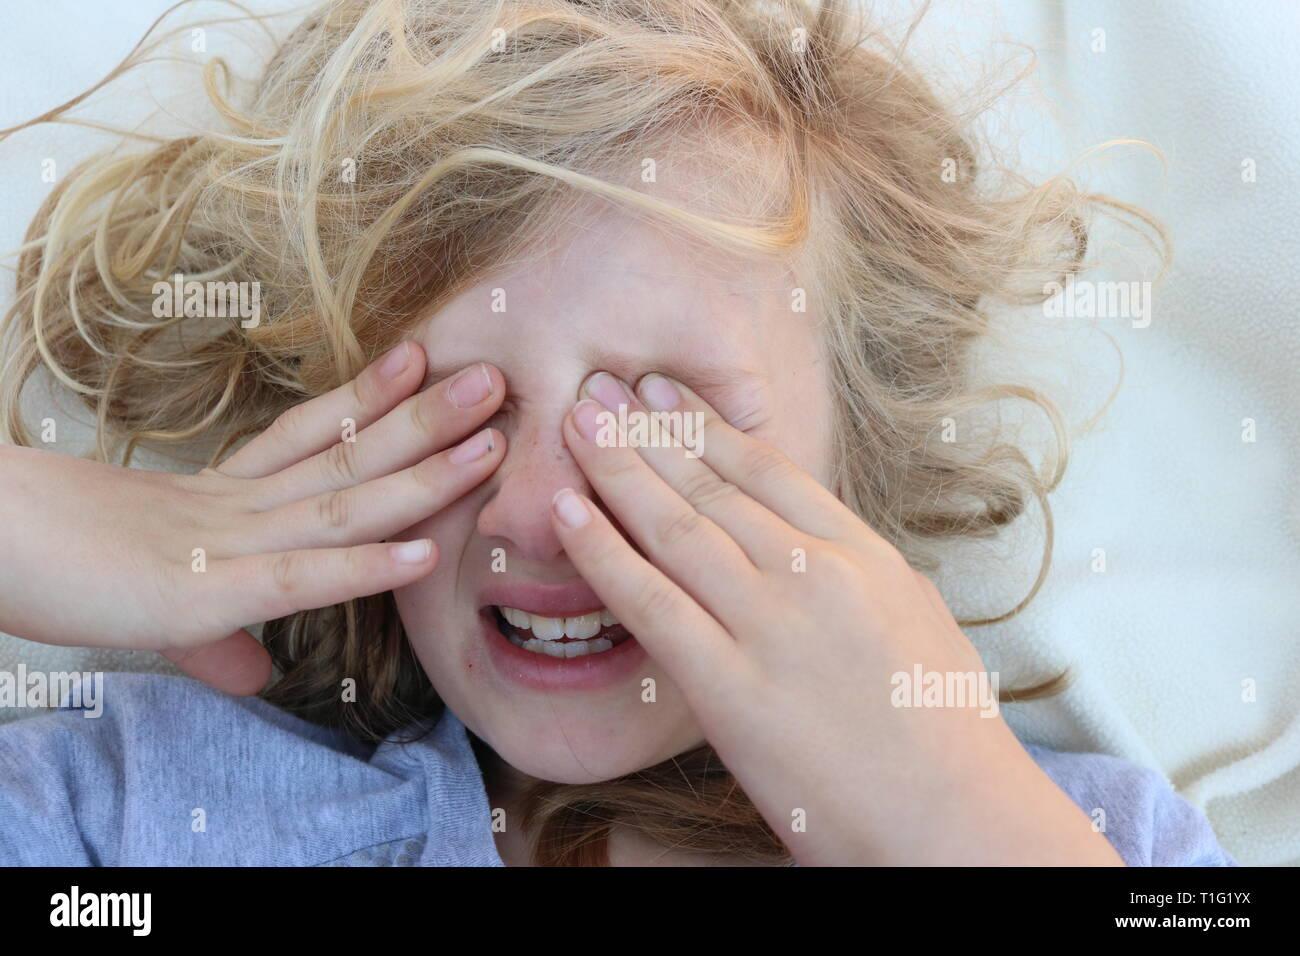 Porträt von einem müden Kind in den Schmerz mit den Händen der vor ihren Augen Stockbild